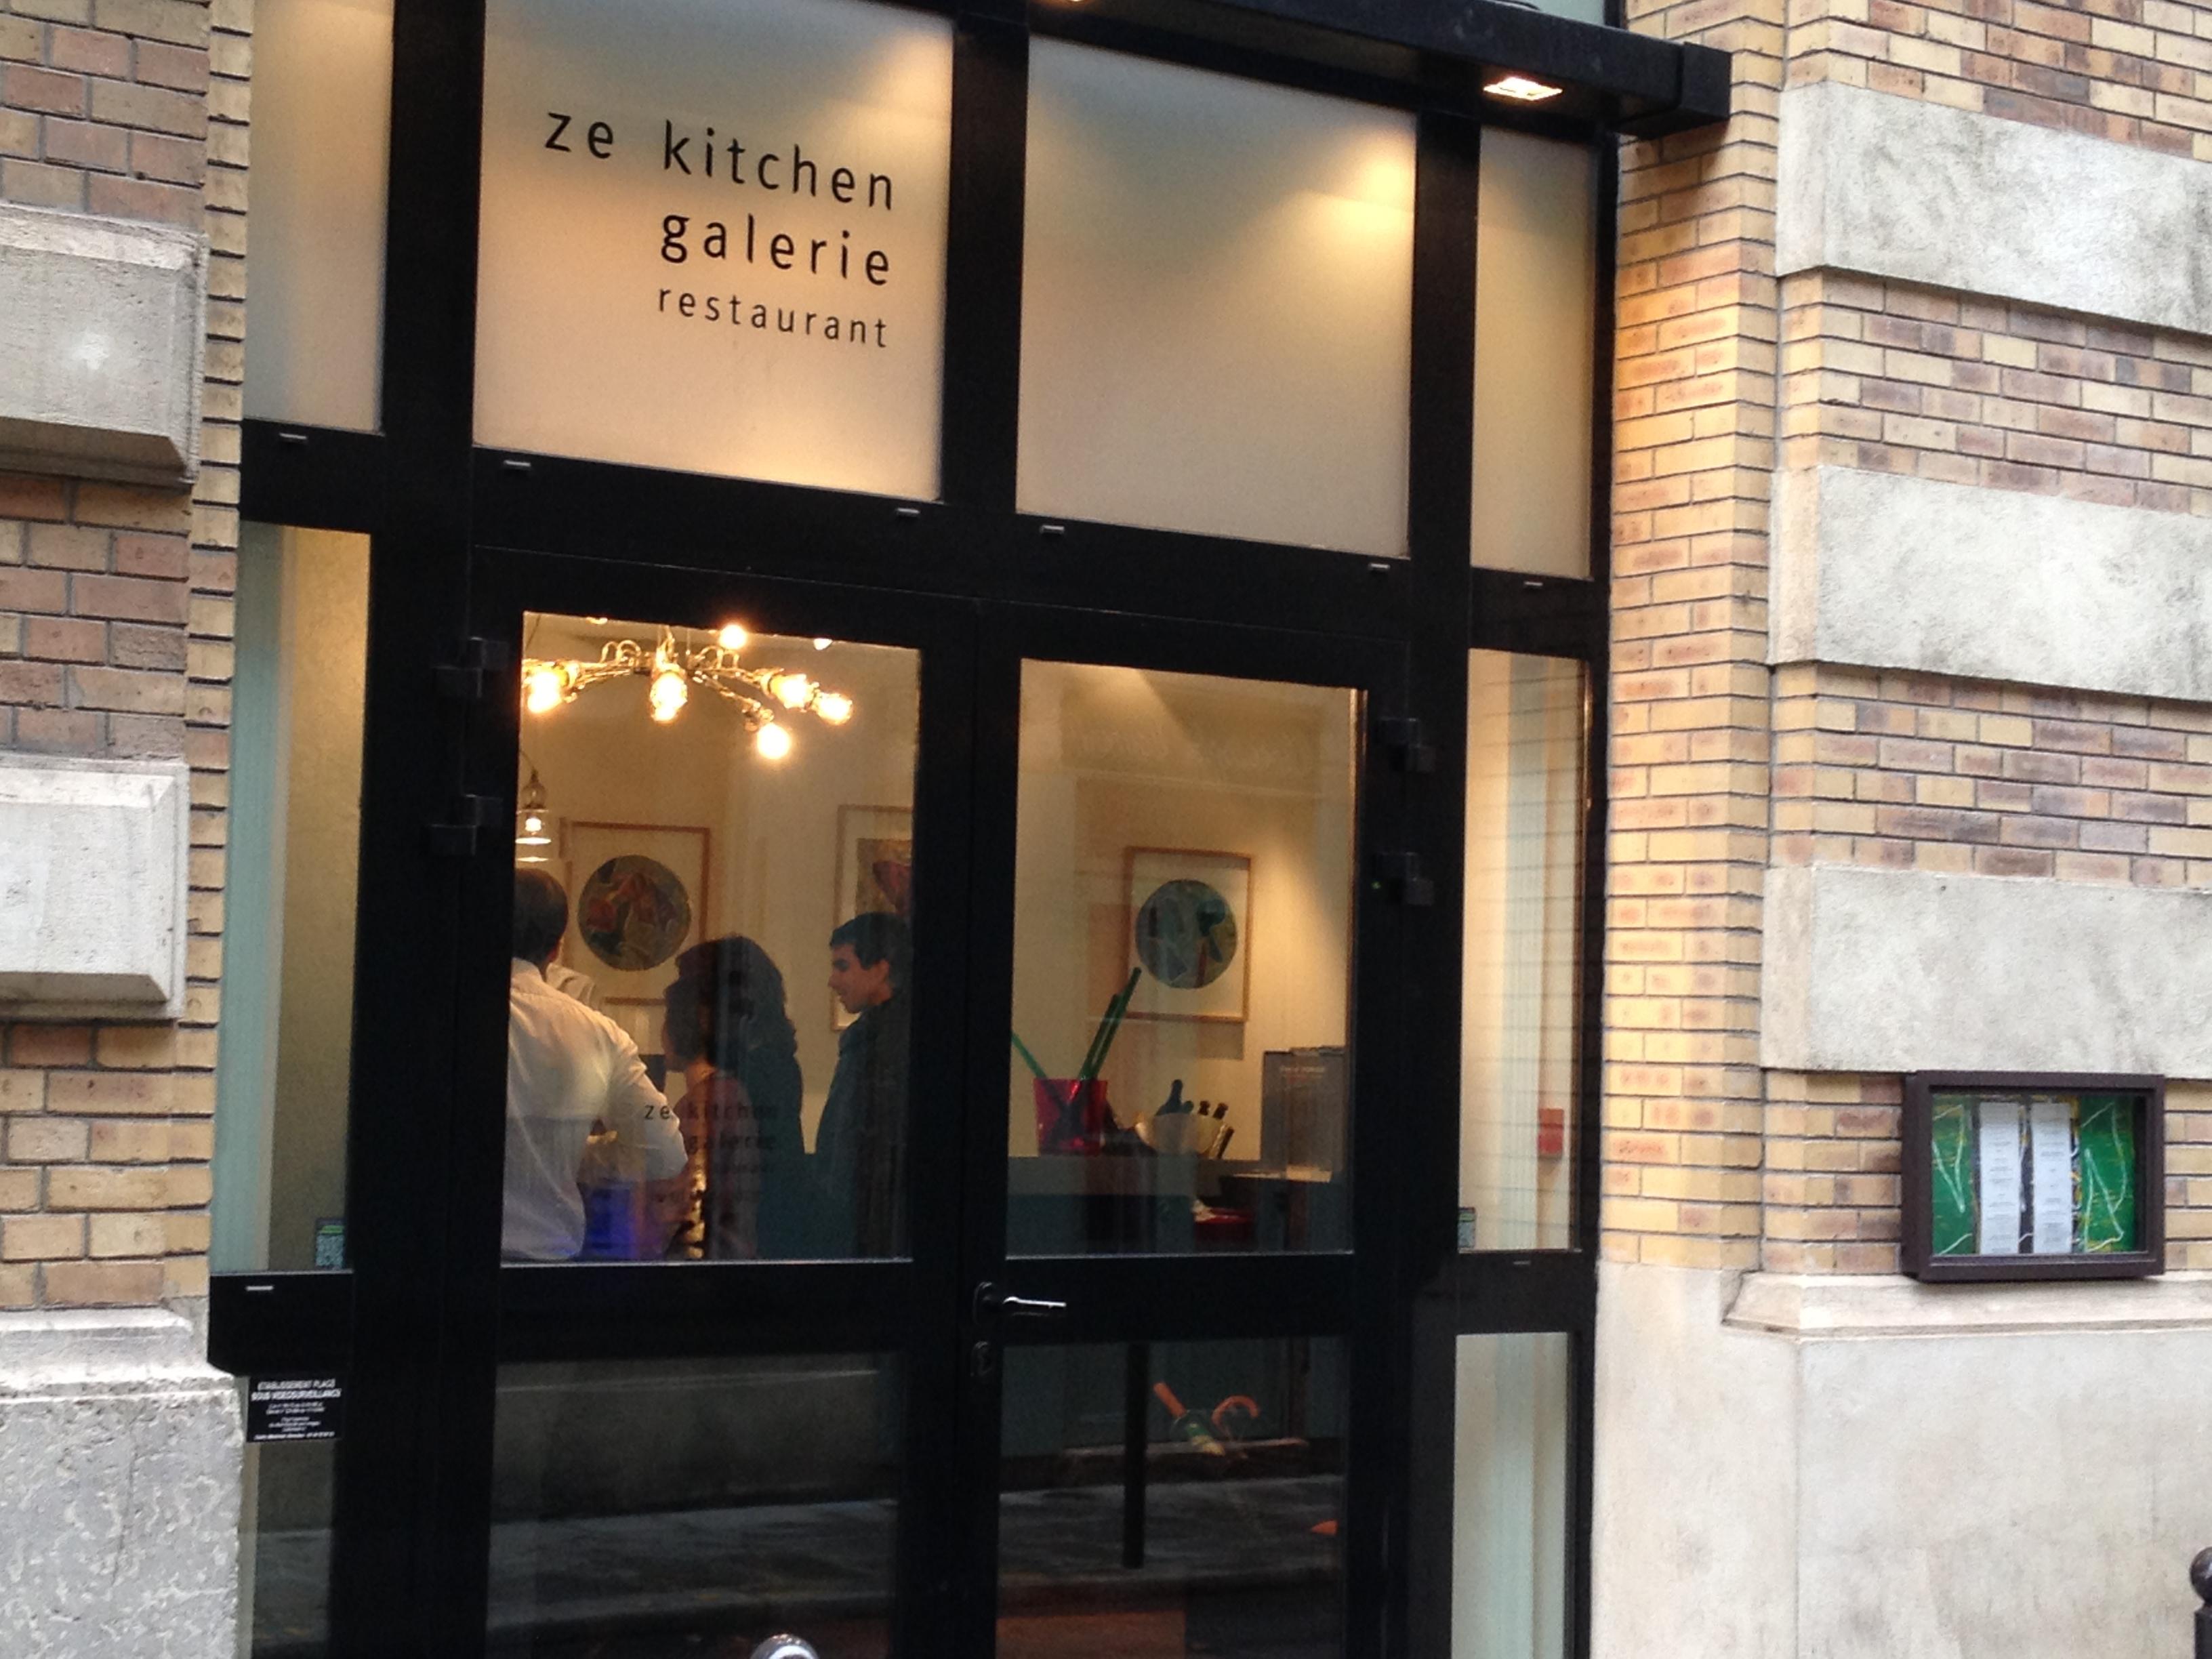 Fantastisch Ze Küche Galerie Michelin Fotos - Ideen Für Die Küche ...